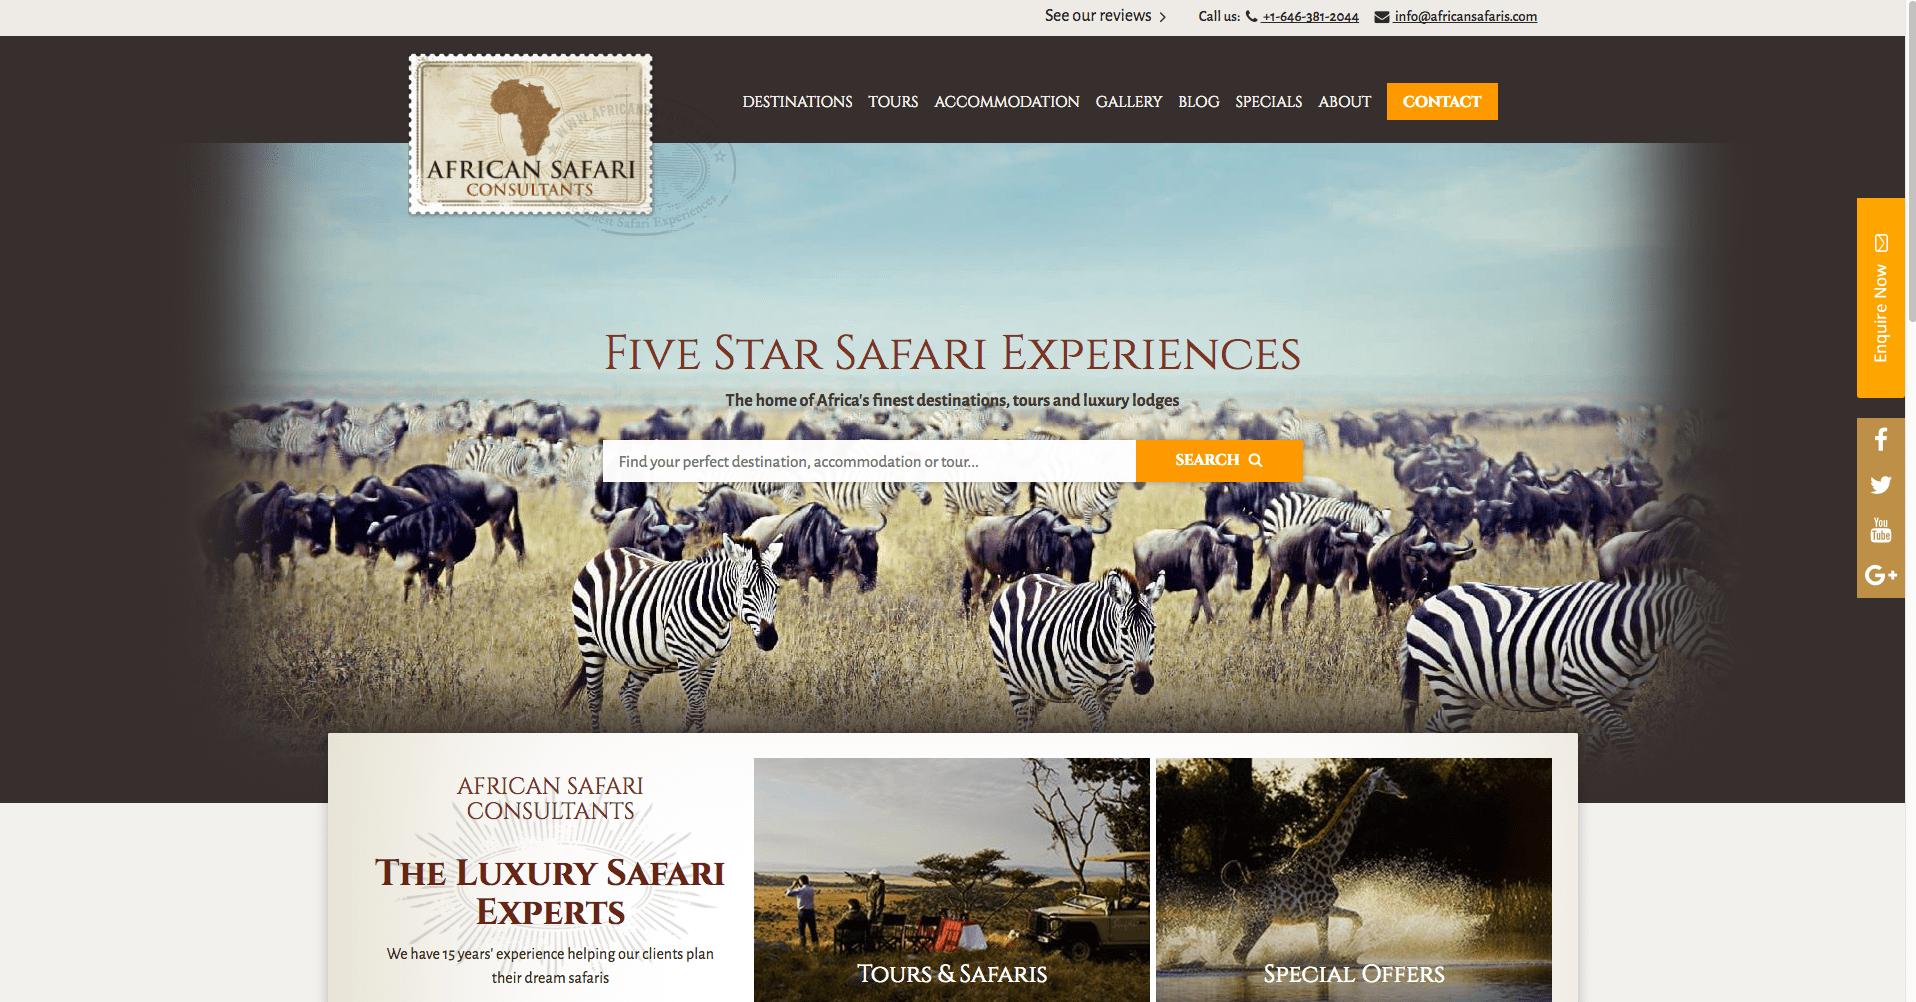 African Safari Consultants